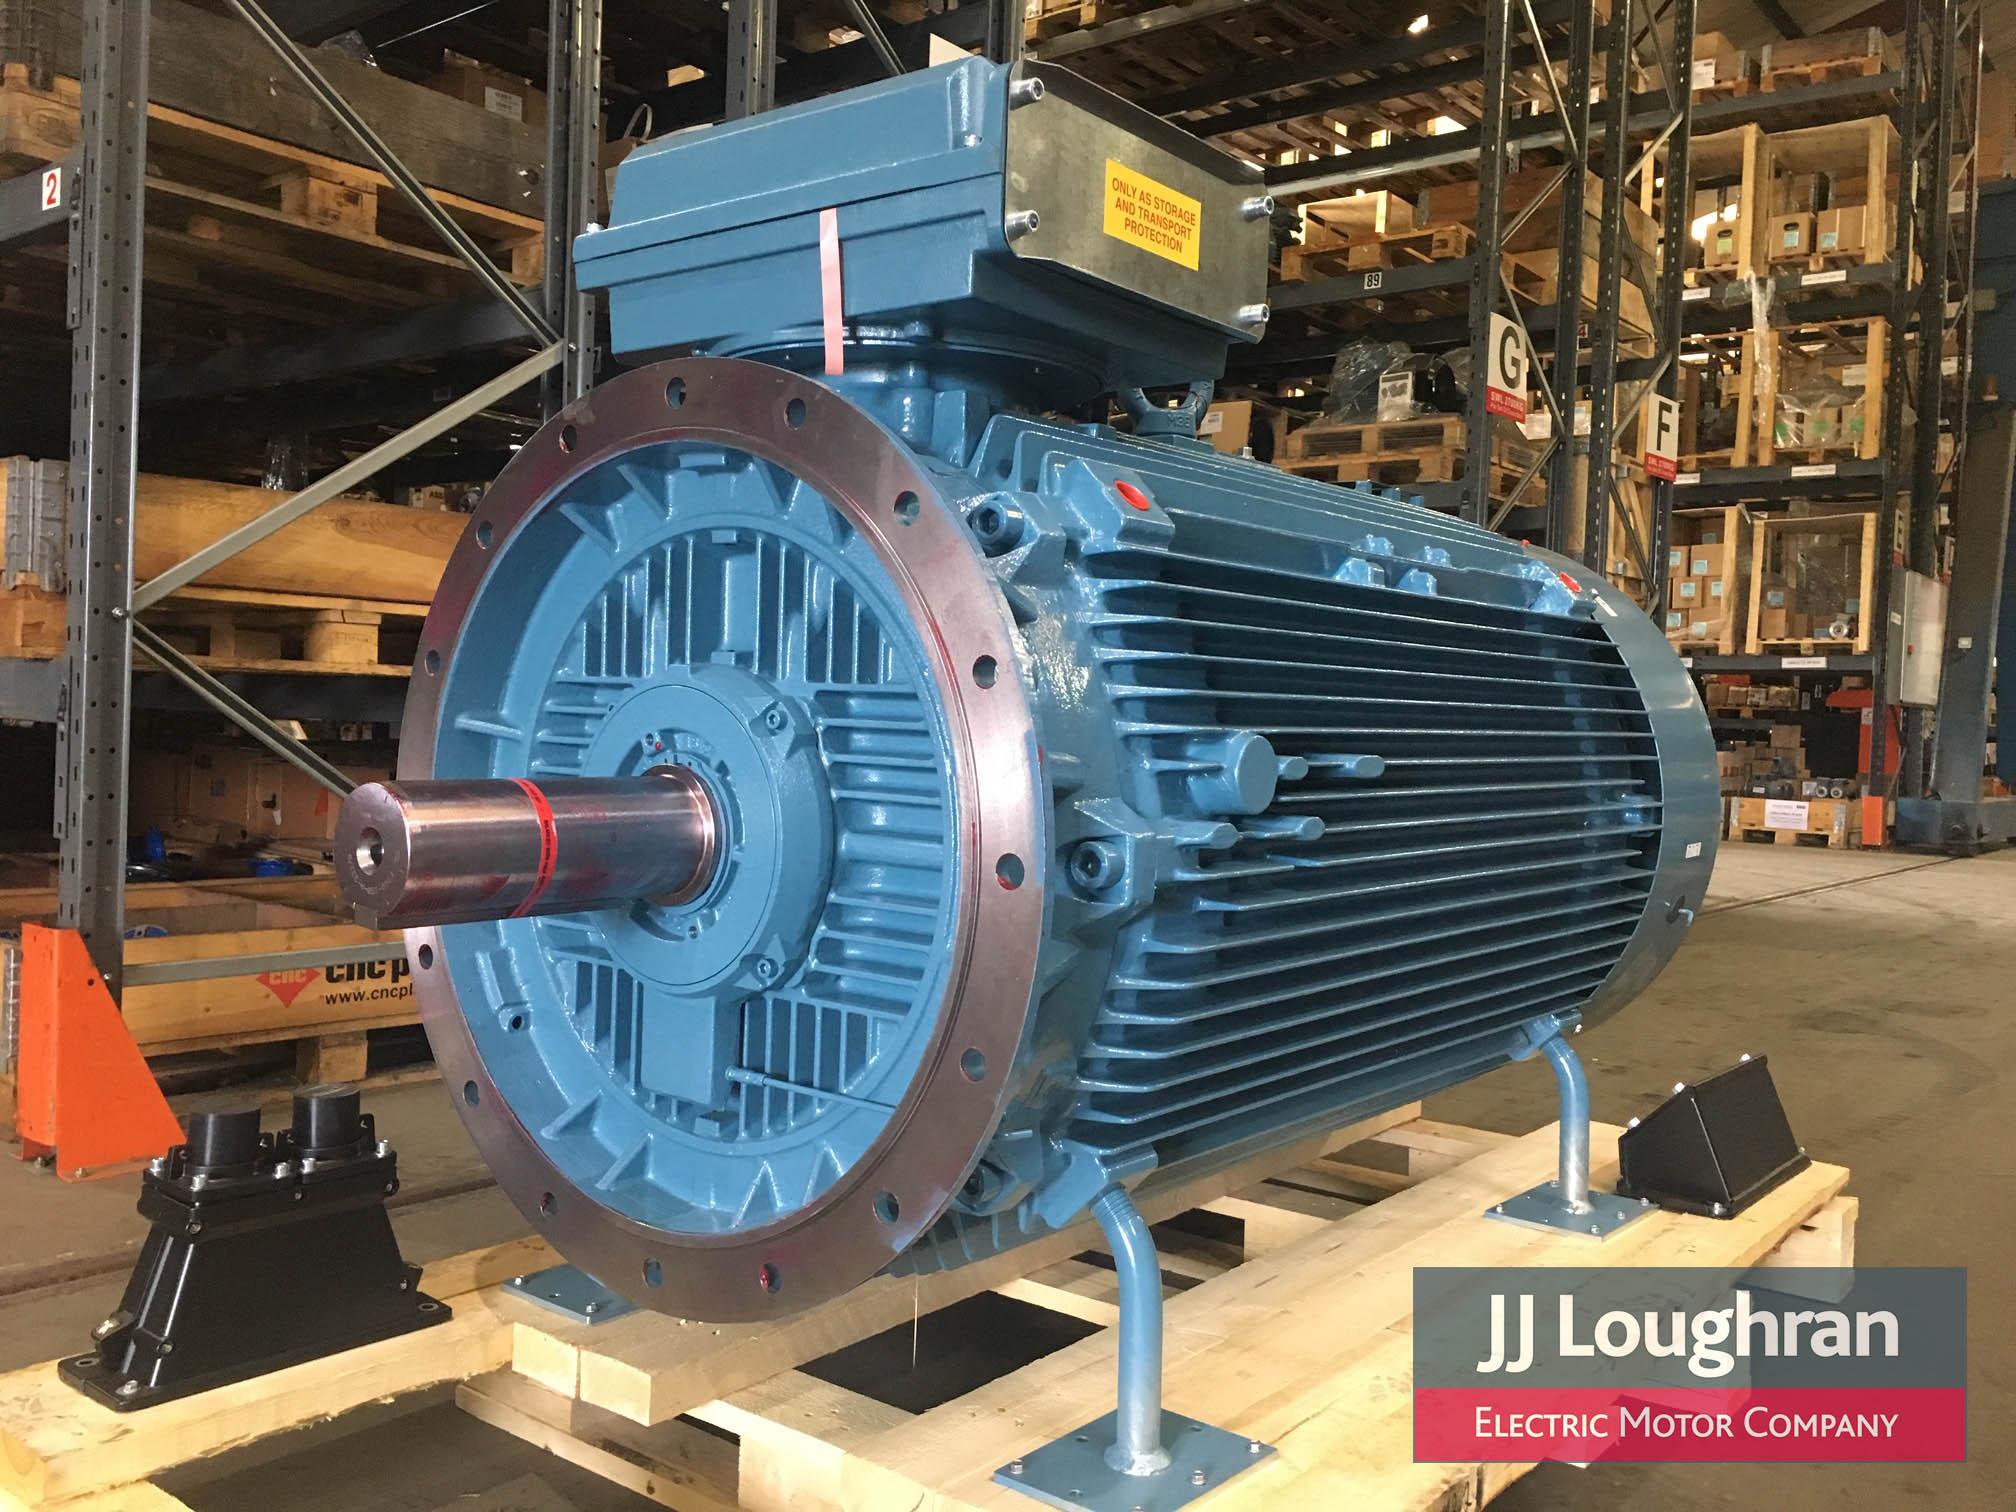 Home | JJ Loughran | Electric Motors, Gearboxes, Ventilation